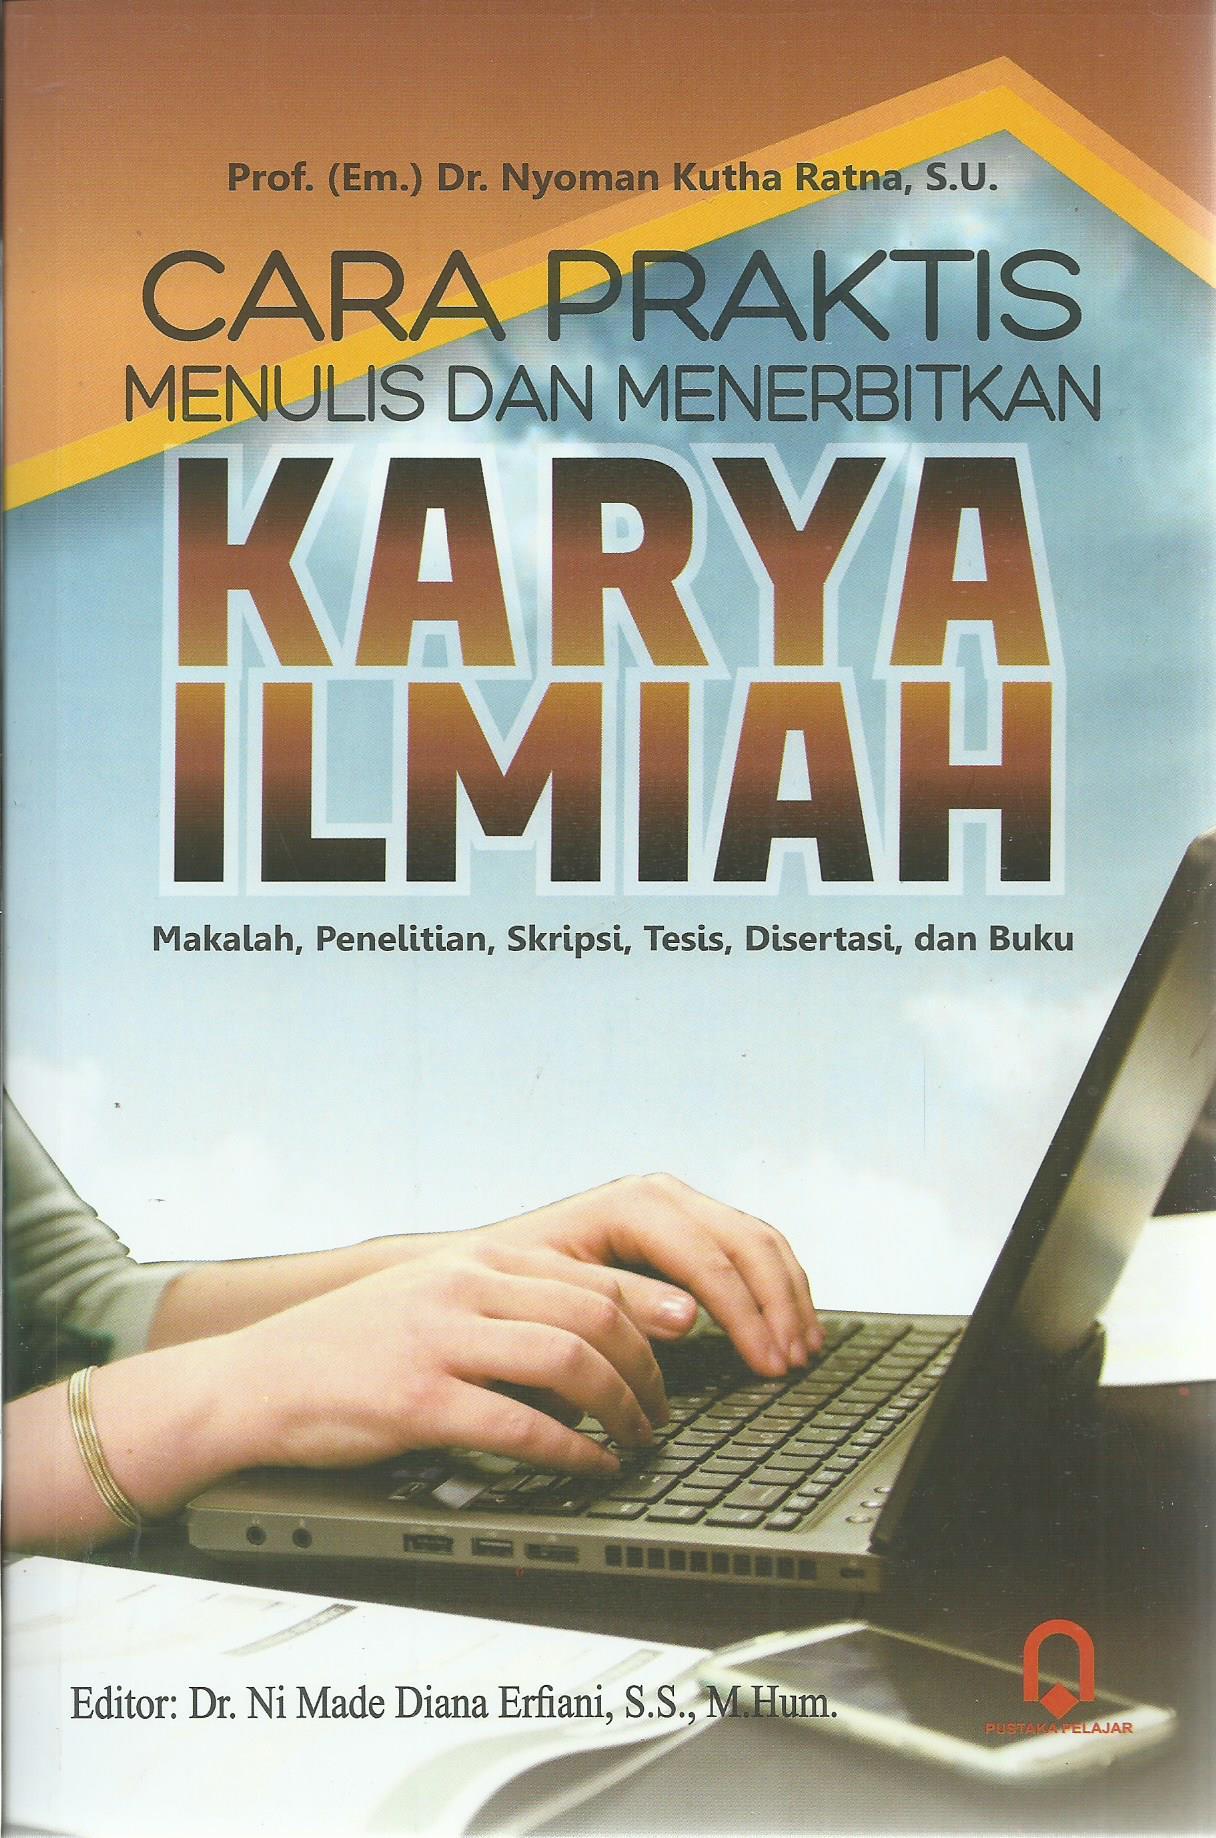 Cara Praktis Menulis Dan Menerbitkan Karya Ilmiah